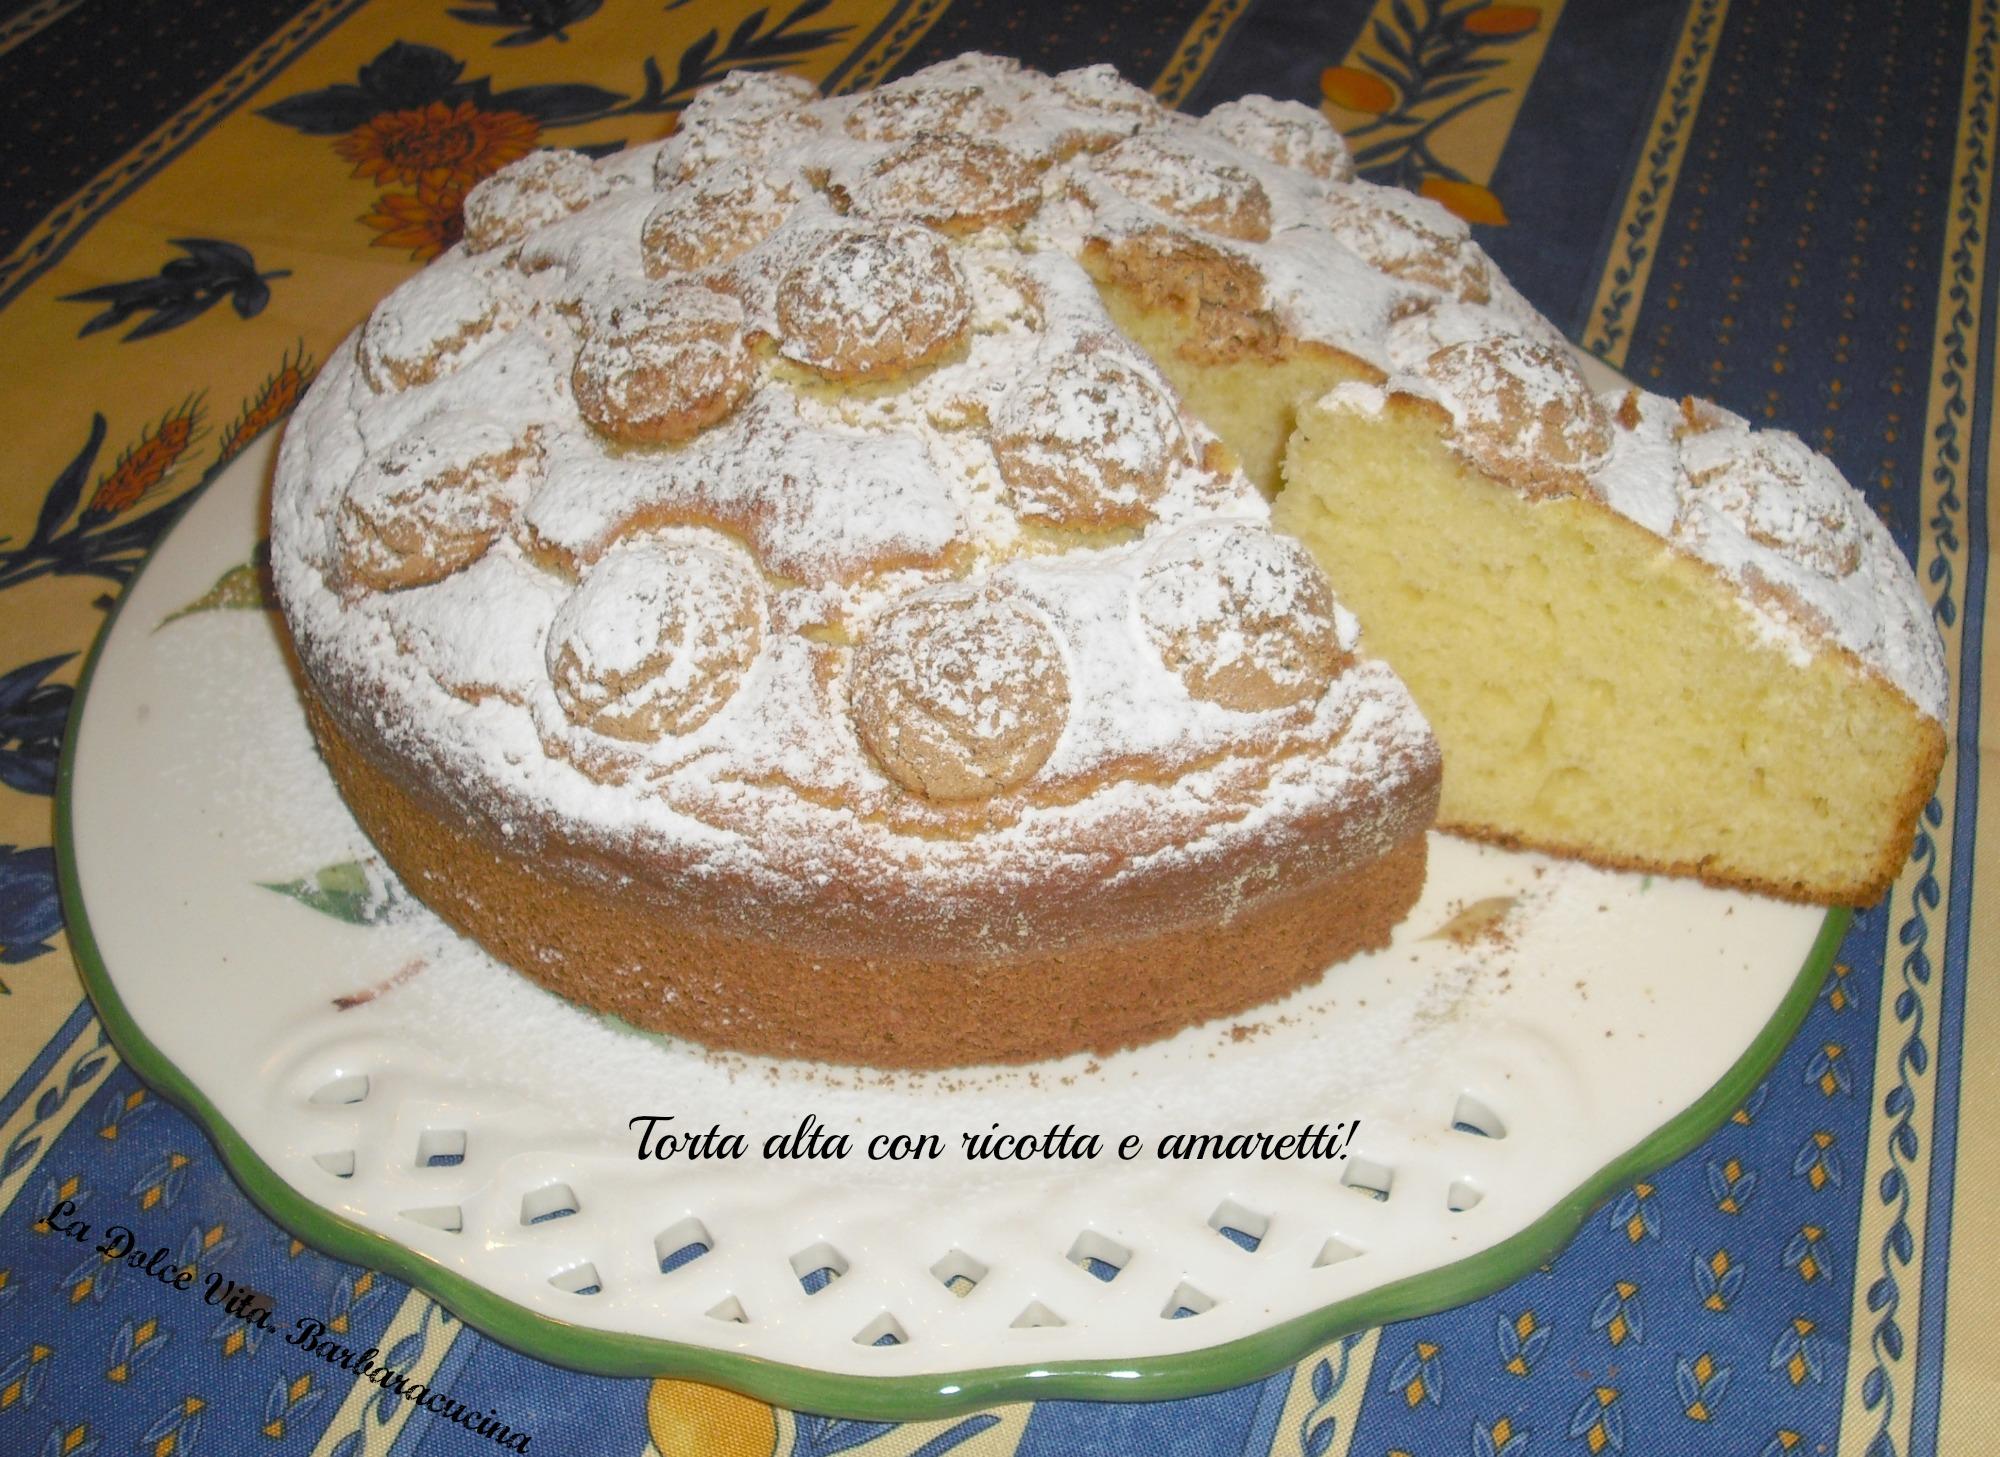 Ricetta Crema al mascarpone - La Ricetta di GialloZafferano